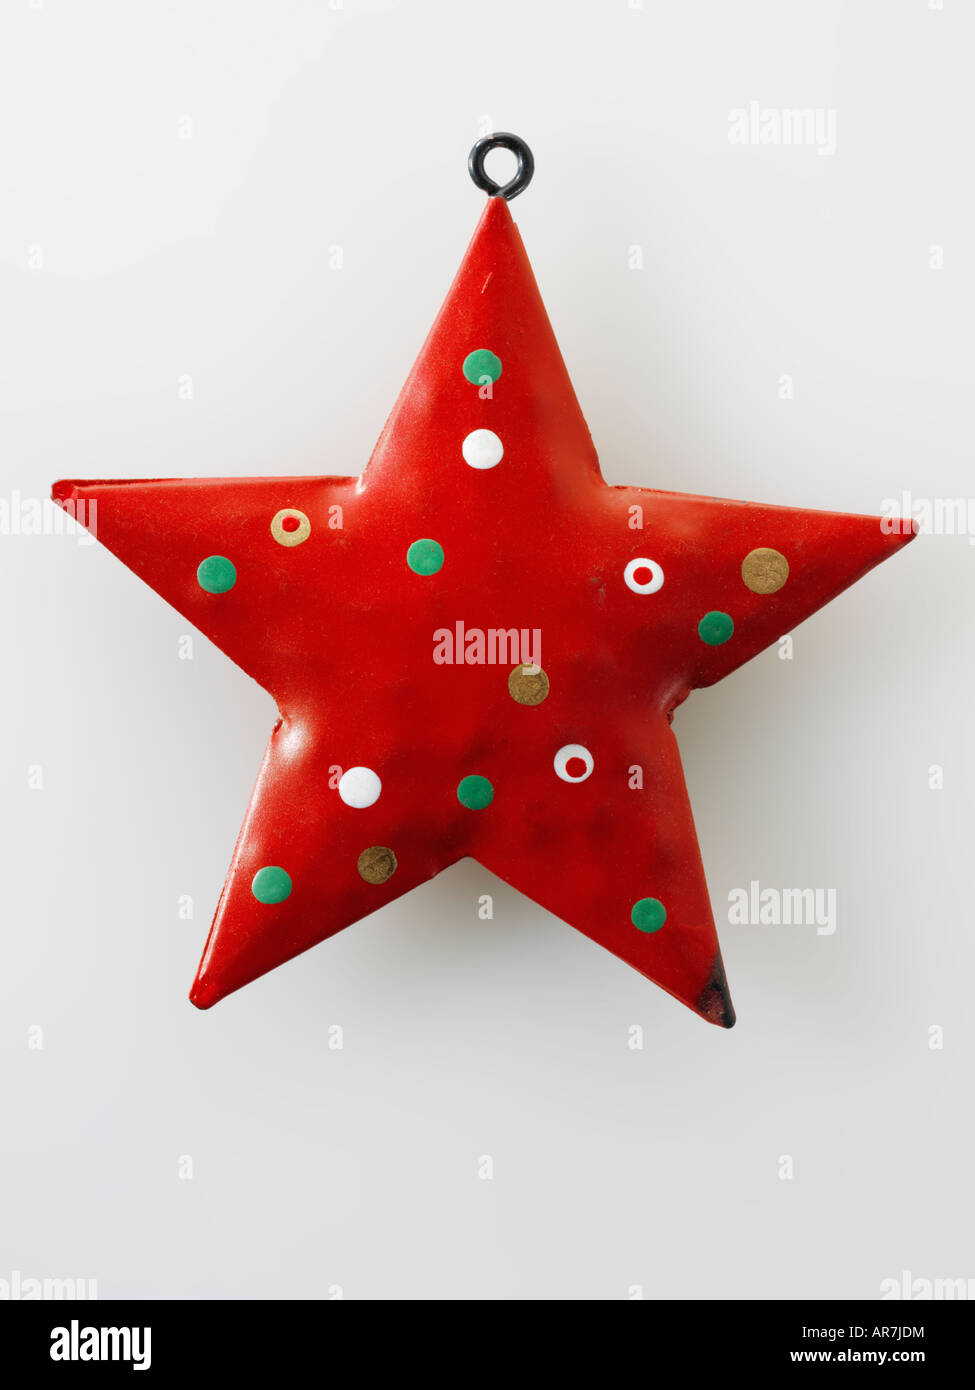 Peint à la main de fête Noël Décoration étoile rouge Photo Stock